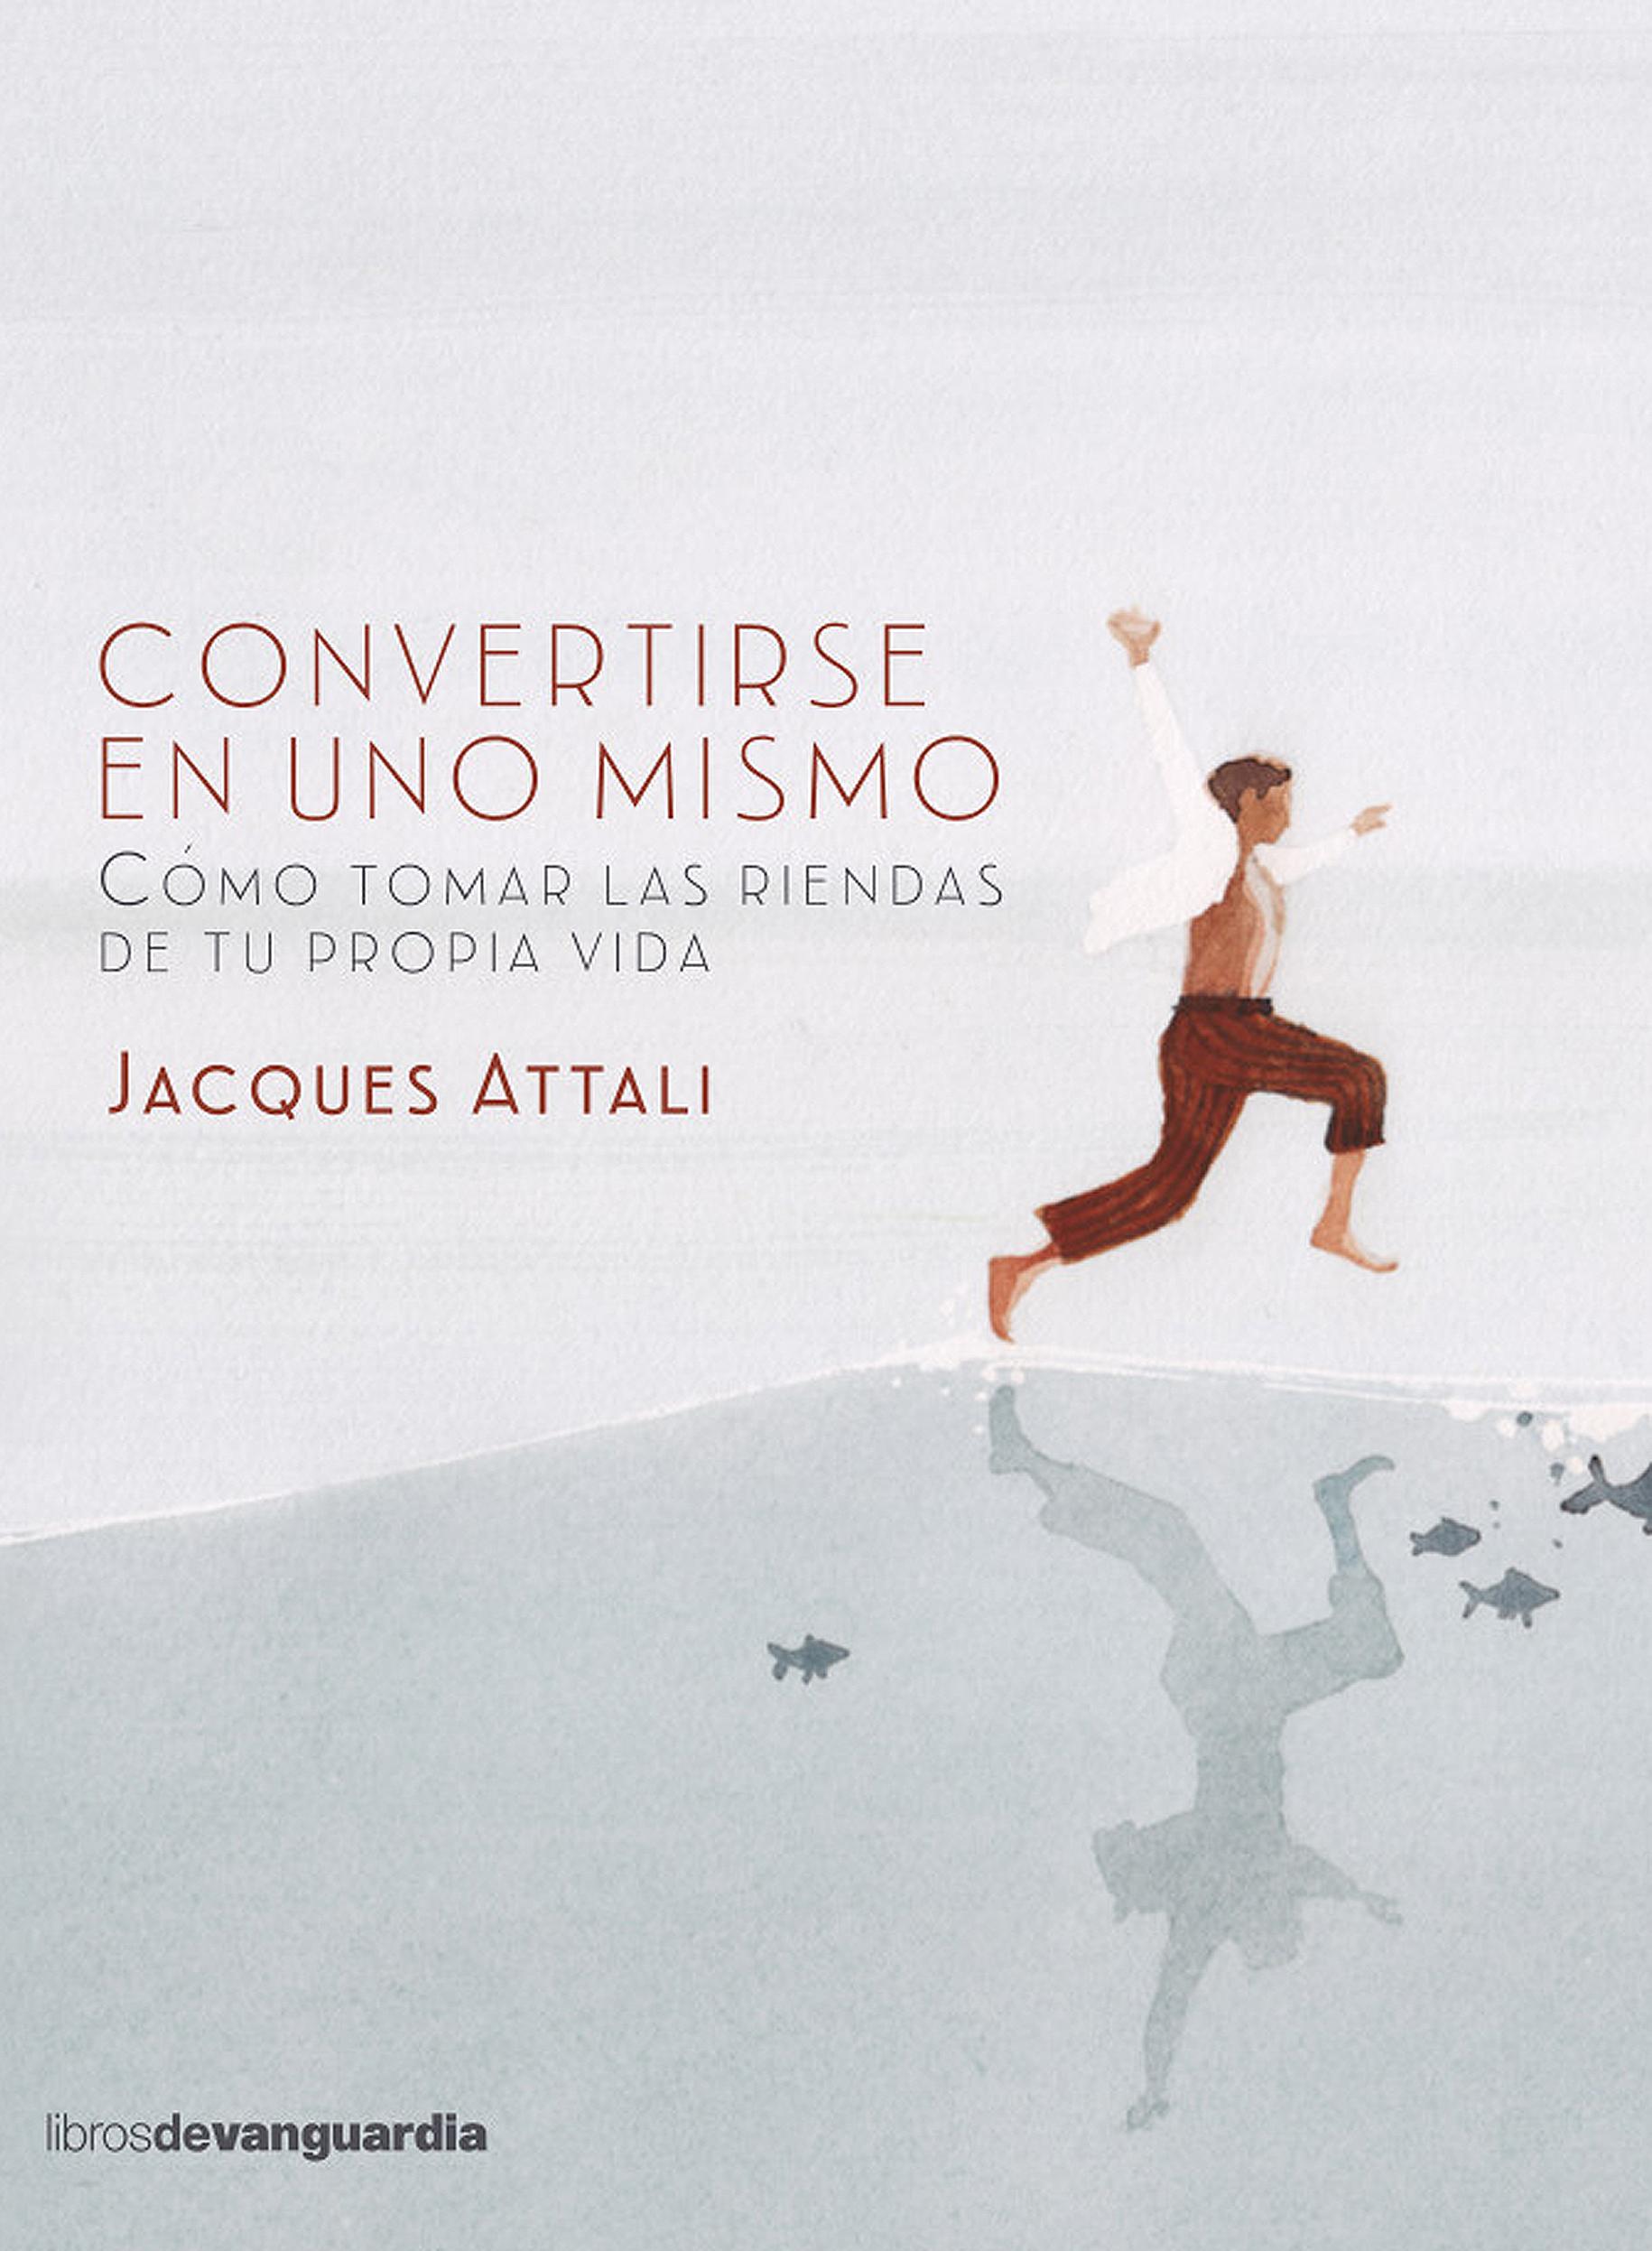 Jacques Attali Convertirse en uno mismo mismo ремень